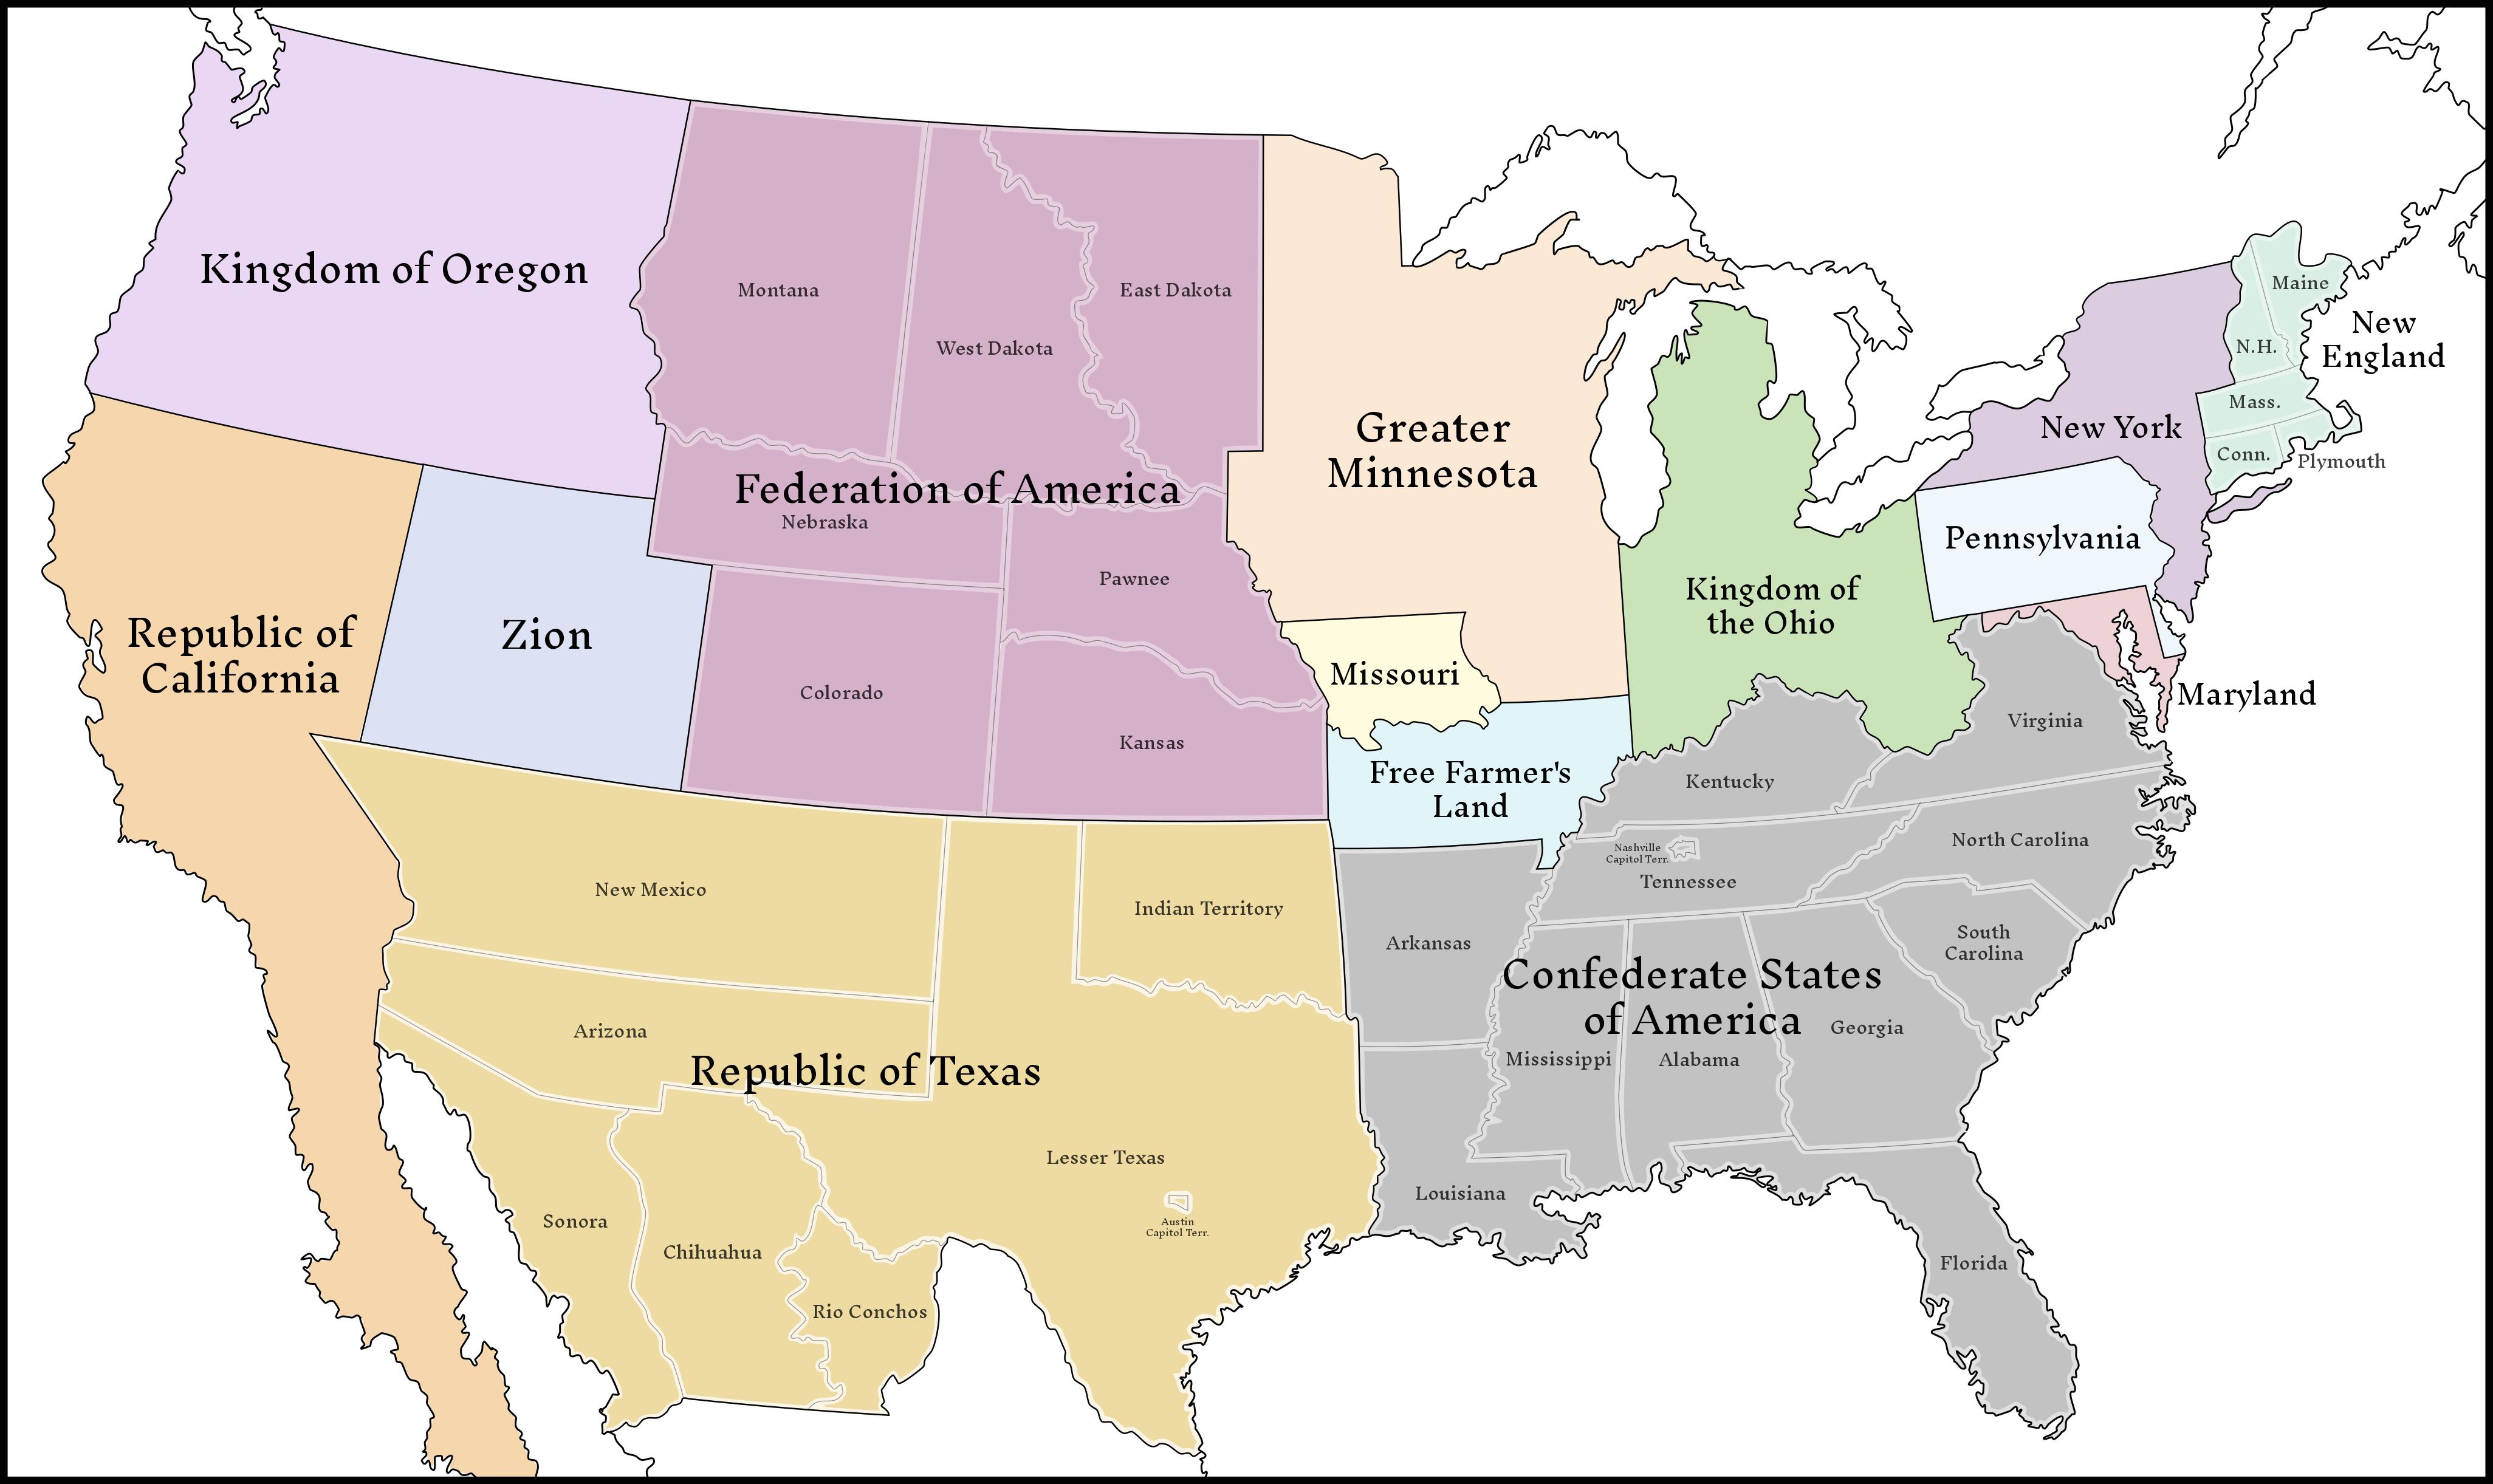 Classic Balkanized Us Map 59493 By Upvoteanthology Uchron City - Alternate-us-map